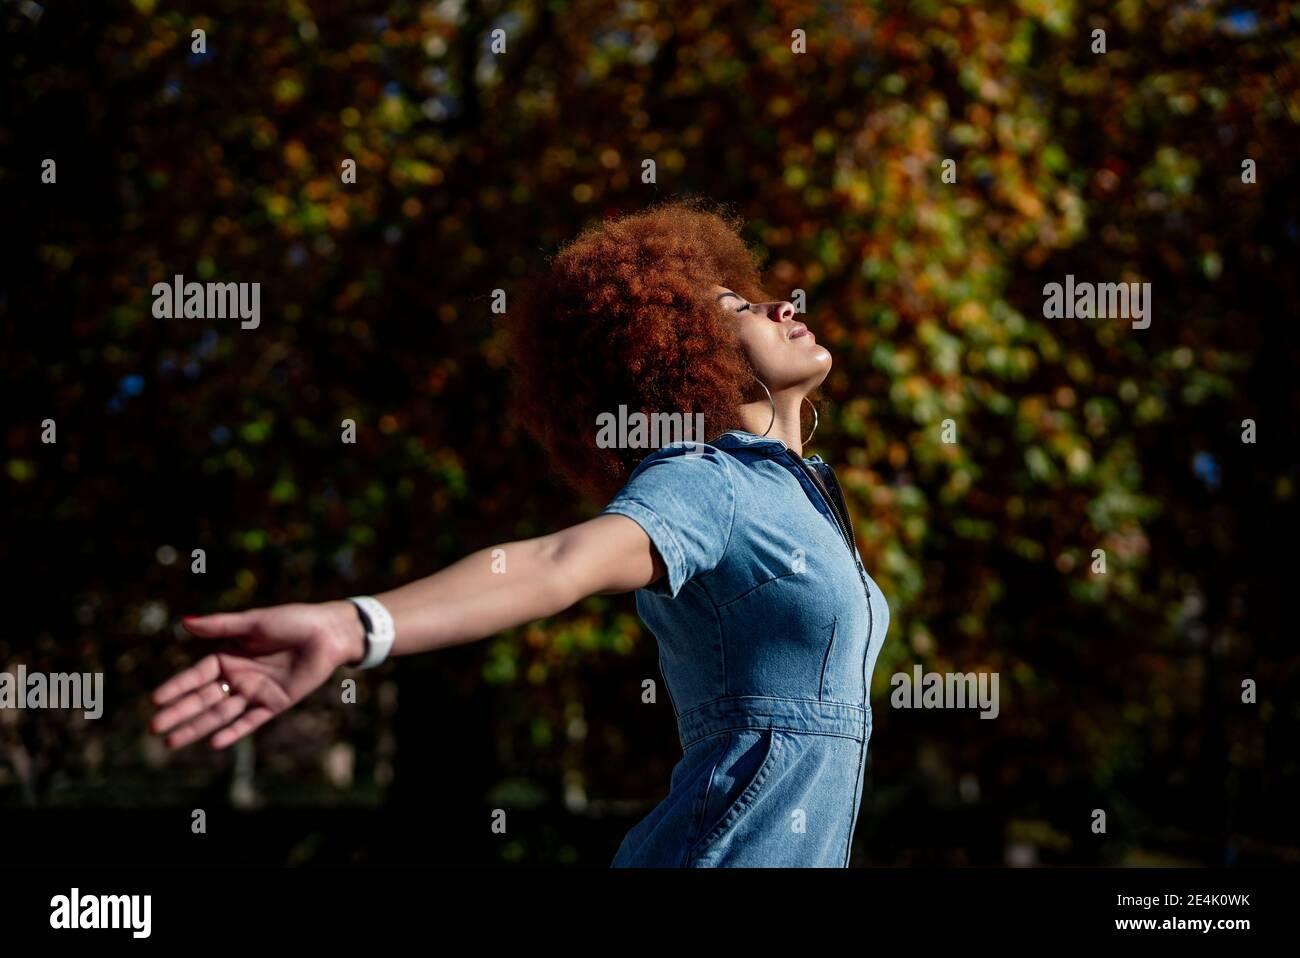 Femme adulte de taille moyenne avec bras étirés et yeux fermés à parc public Banque D'Images